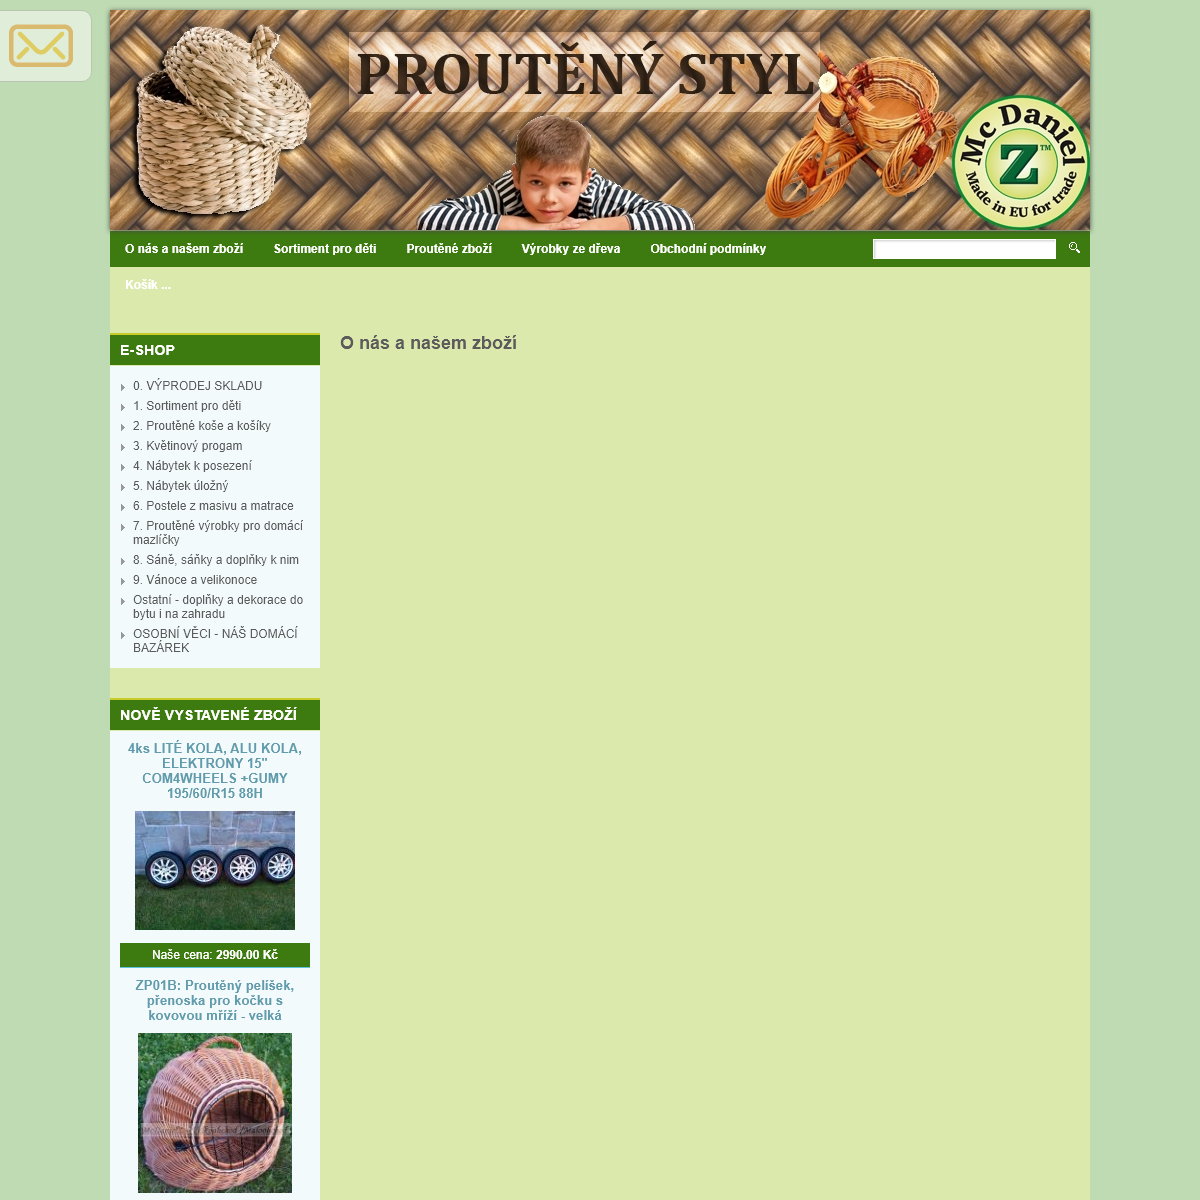 McDanielZ - Sortiment pro děti, Výrobky ze dřeva, Proutěné zboží - Velkoobchod a maloobchod- zboží pro děti, proutěn�